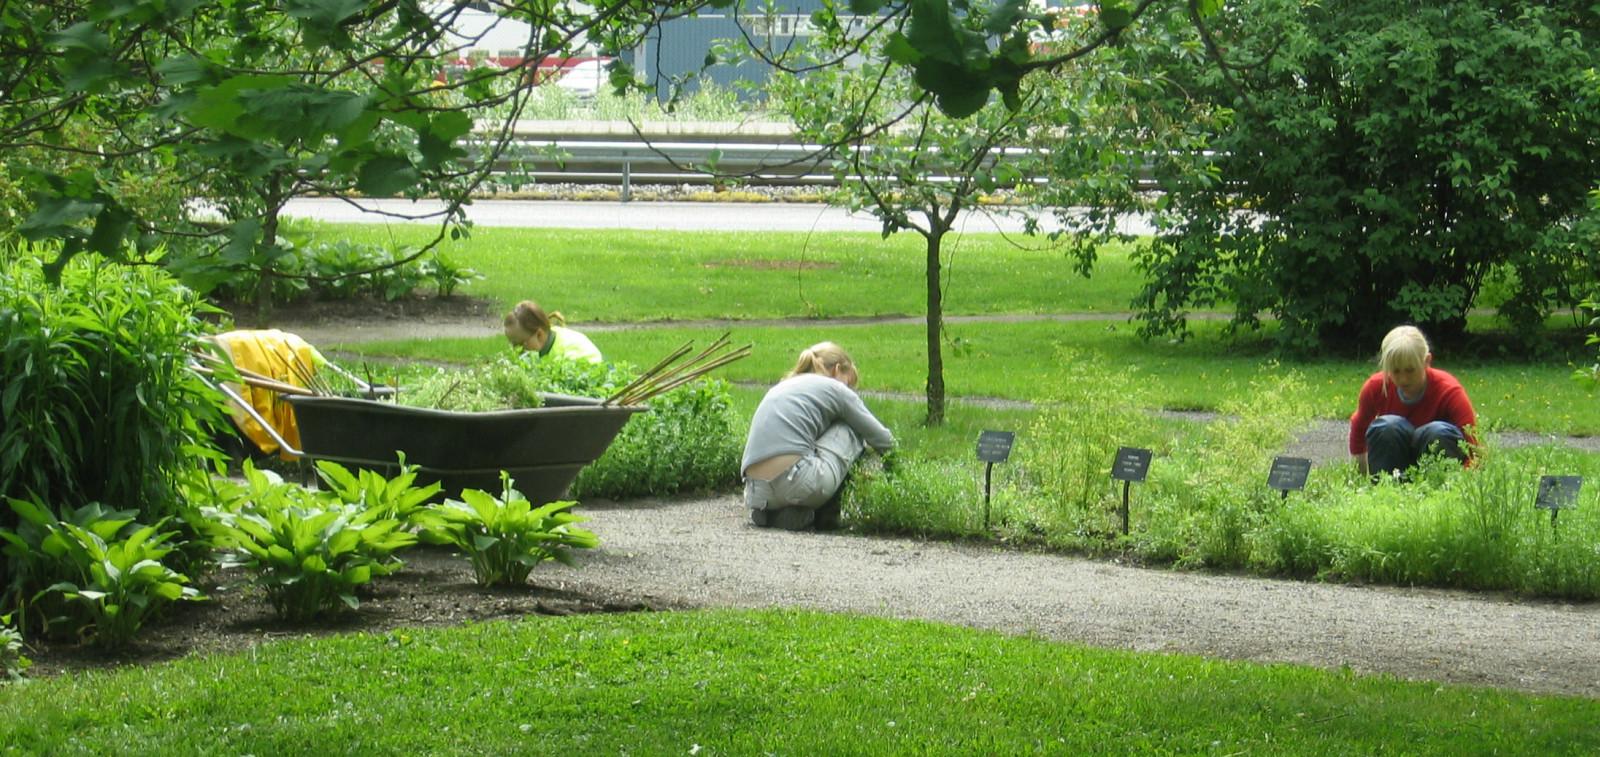 Viheraluetyöntekijöitä hoitamassa istutuksia puistossa